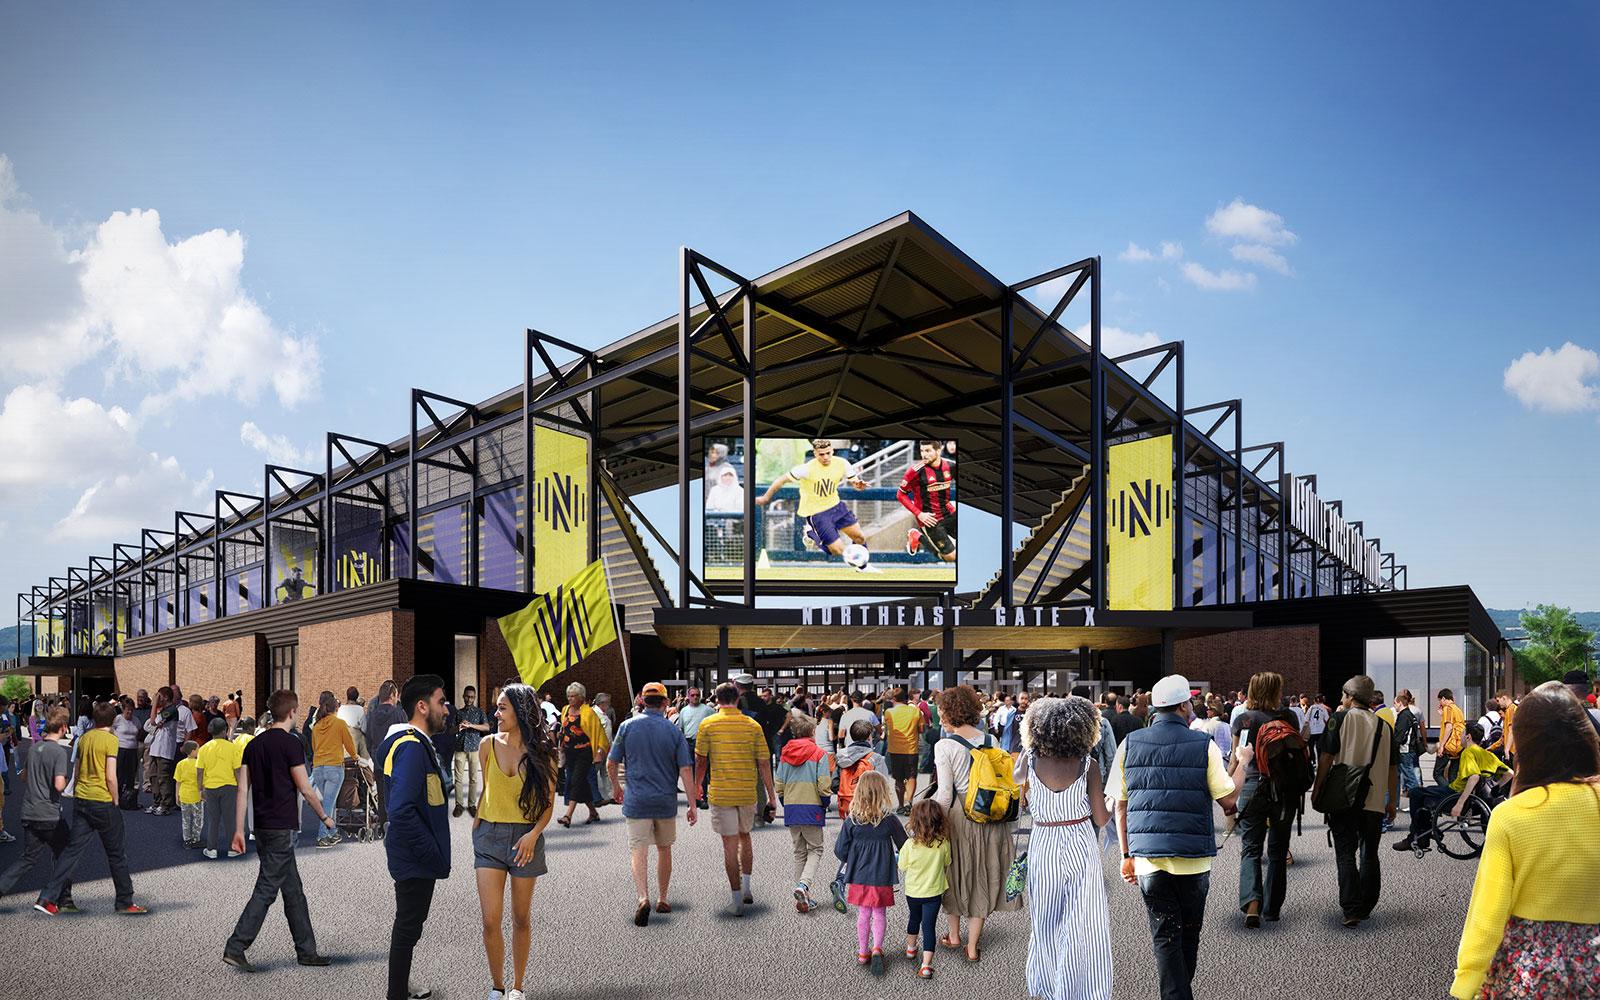 Nashville SC will open its new stadium in 2022